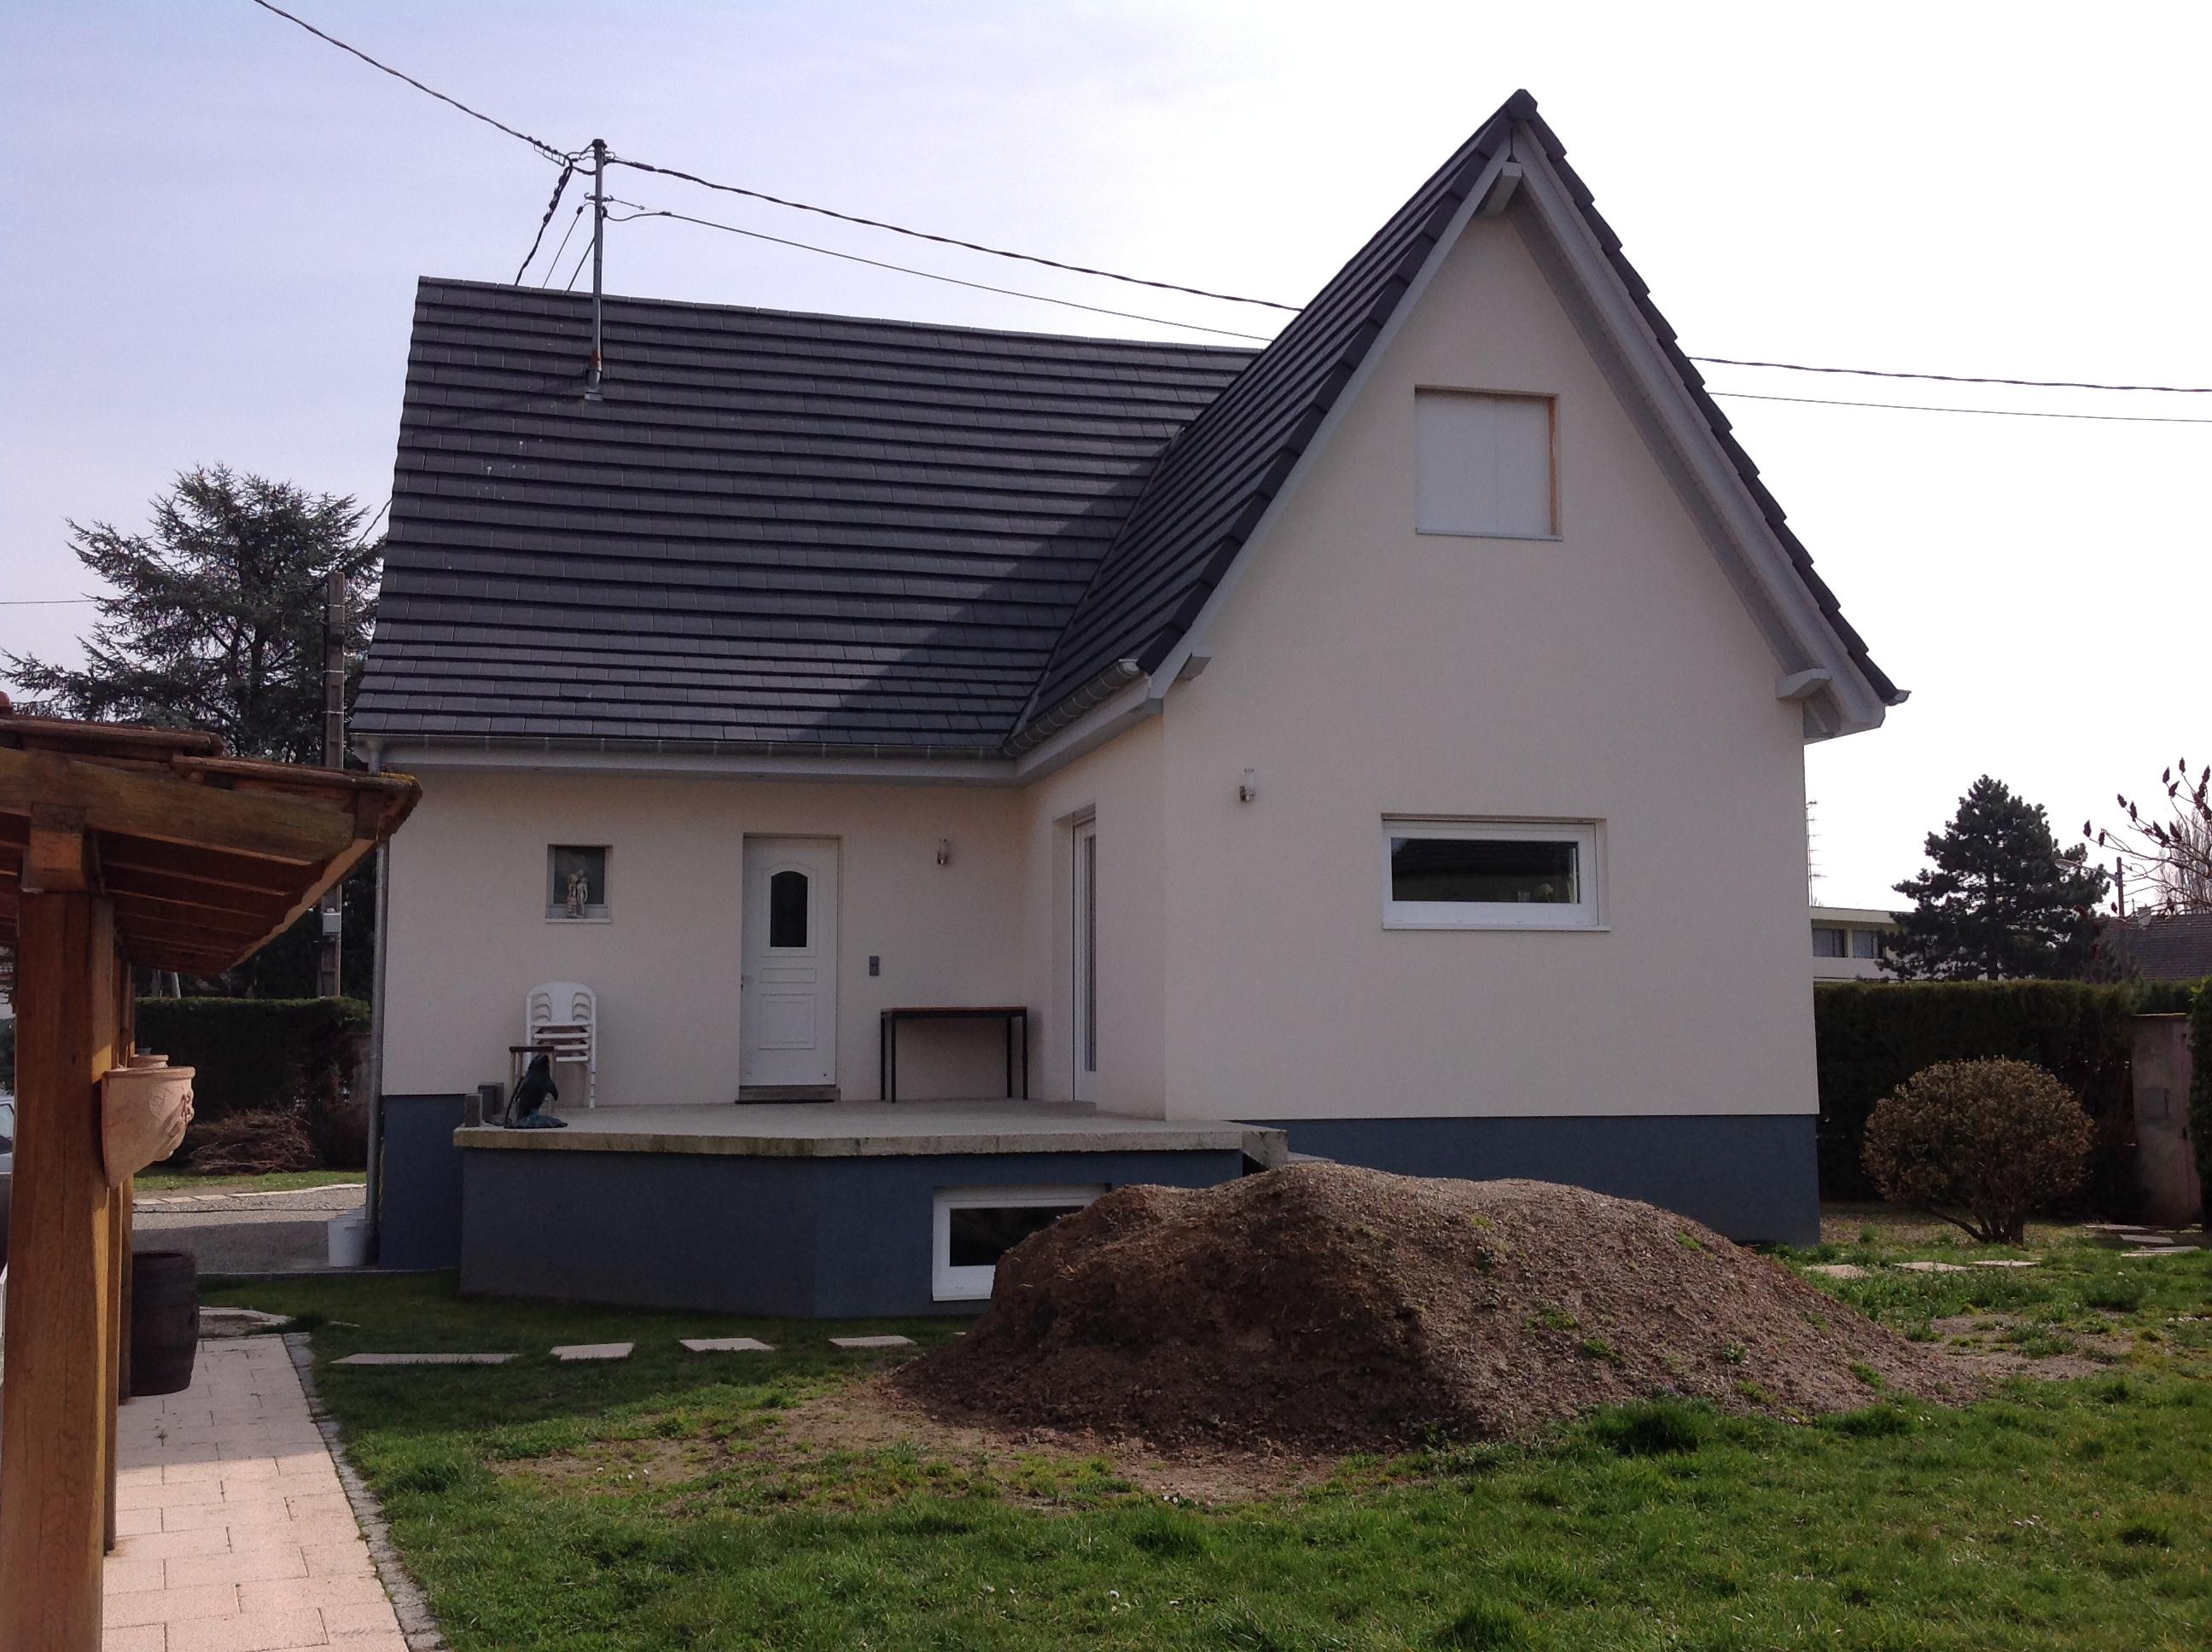 extension avec toiture deux pans abt construction bois